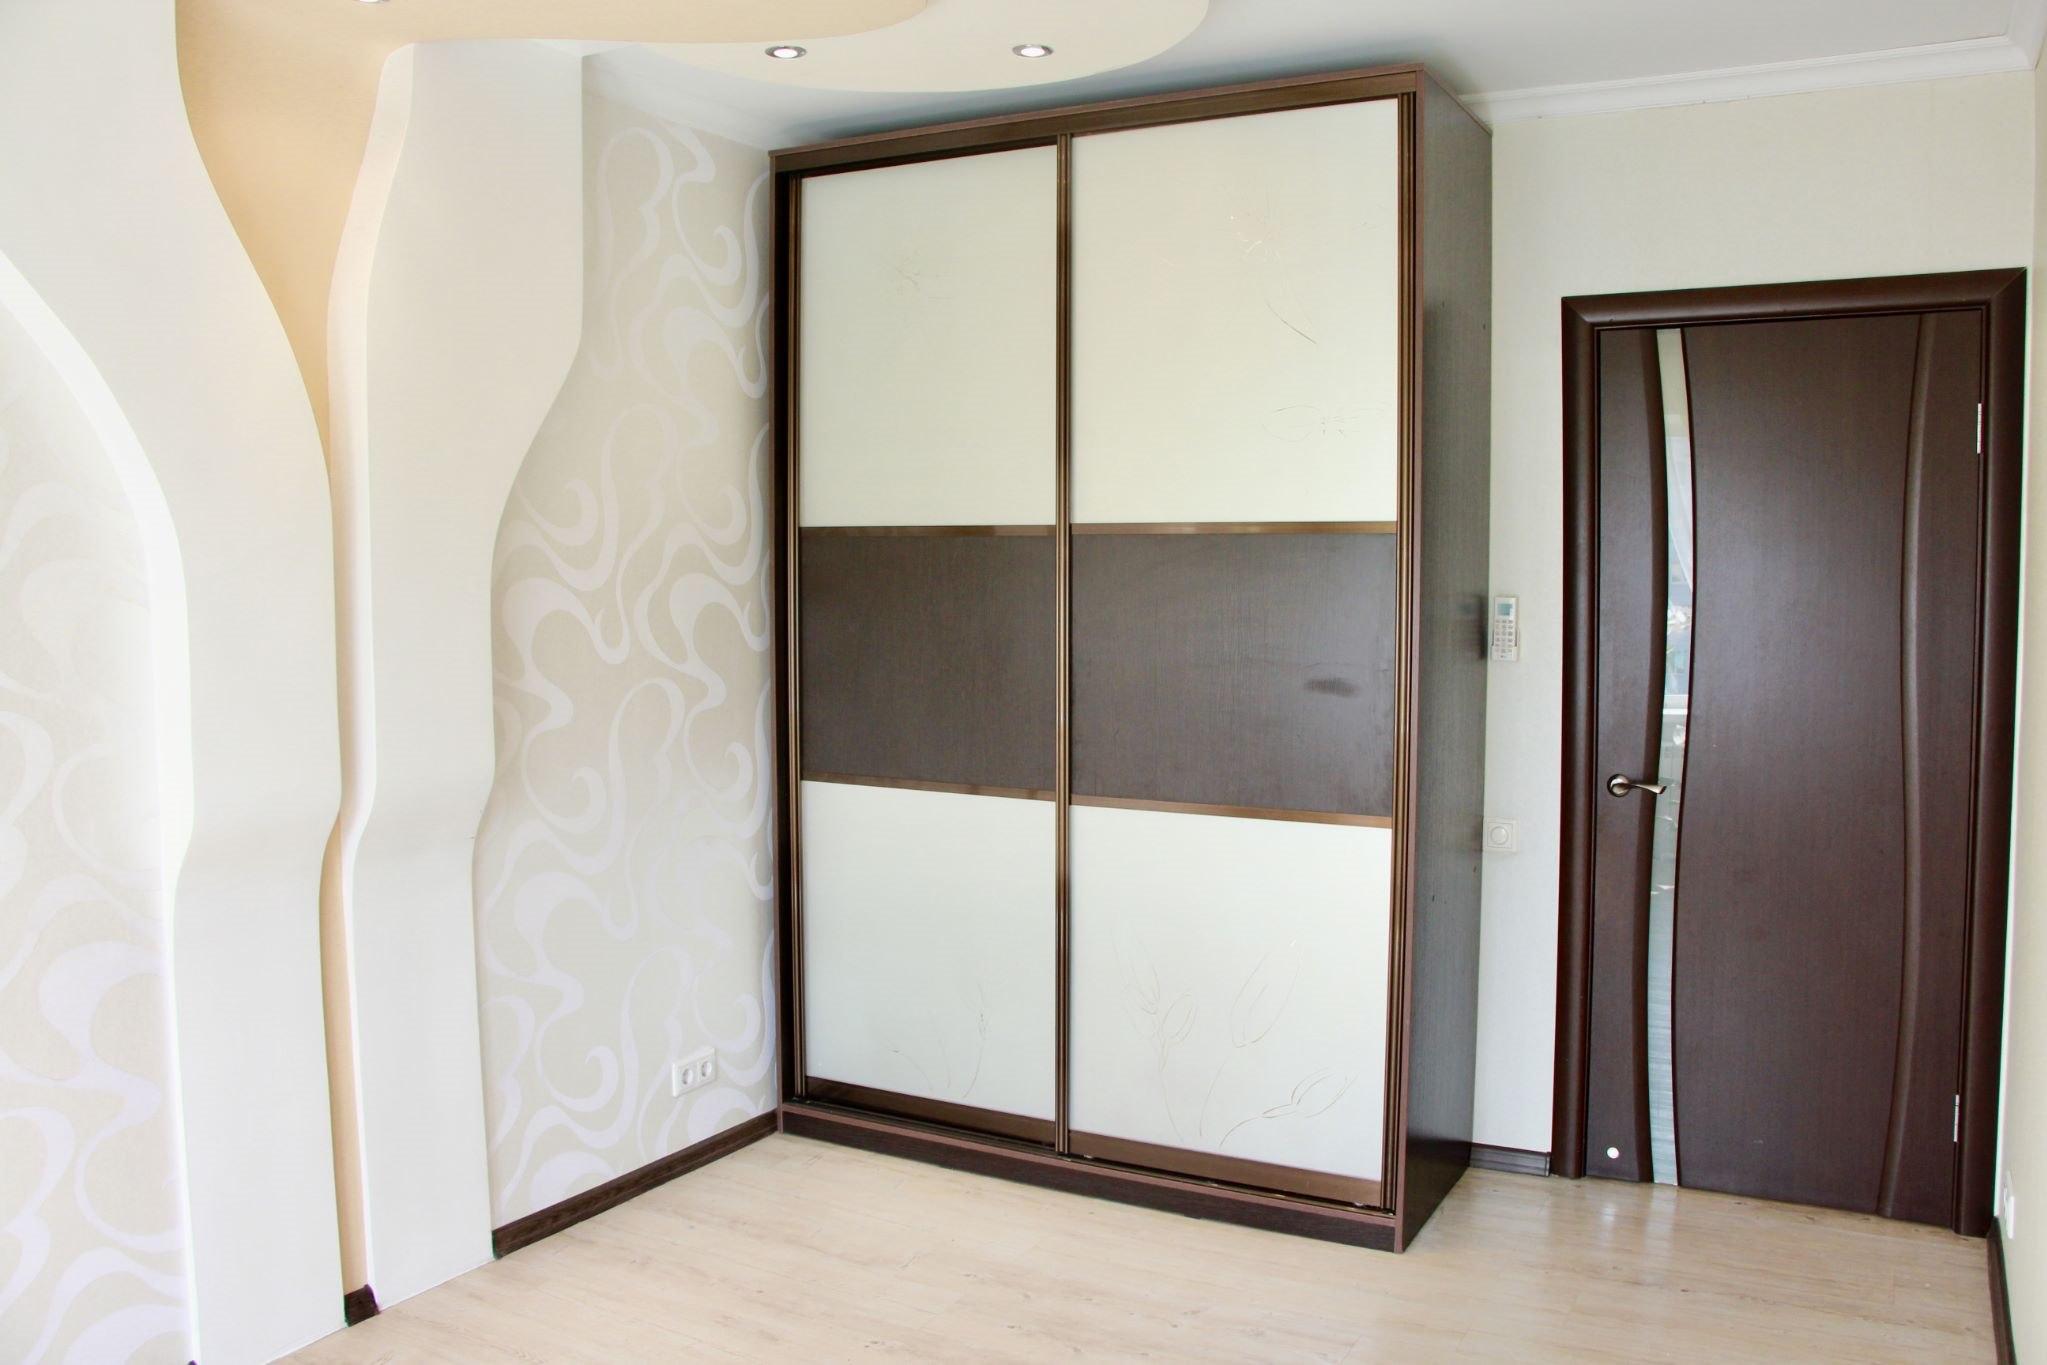 Продается трехкомнатная квартира за 4 400 000 рублей. край Приморский, г Находка, ул Владивостокская, дом 34.